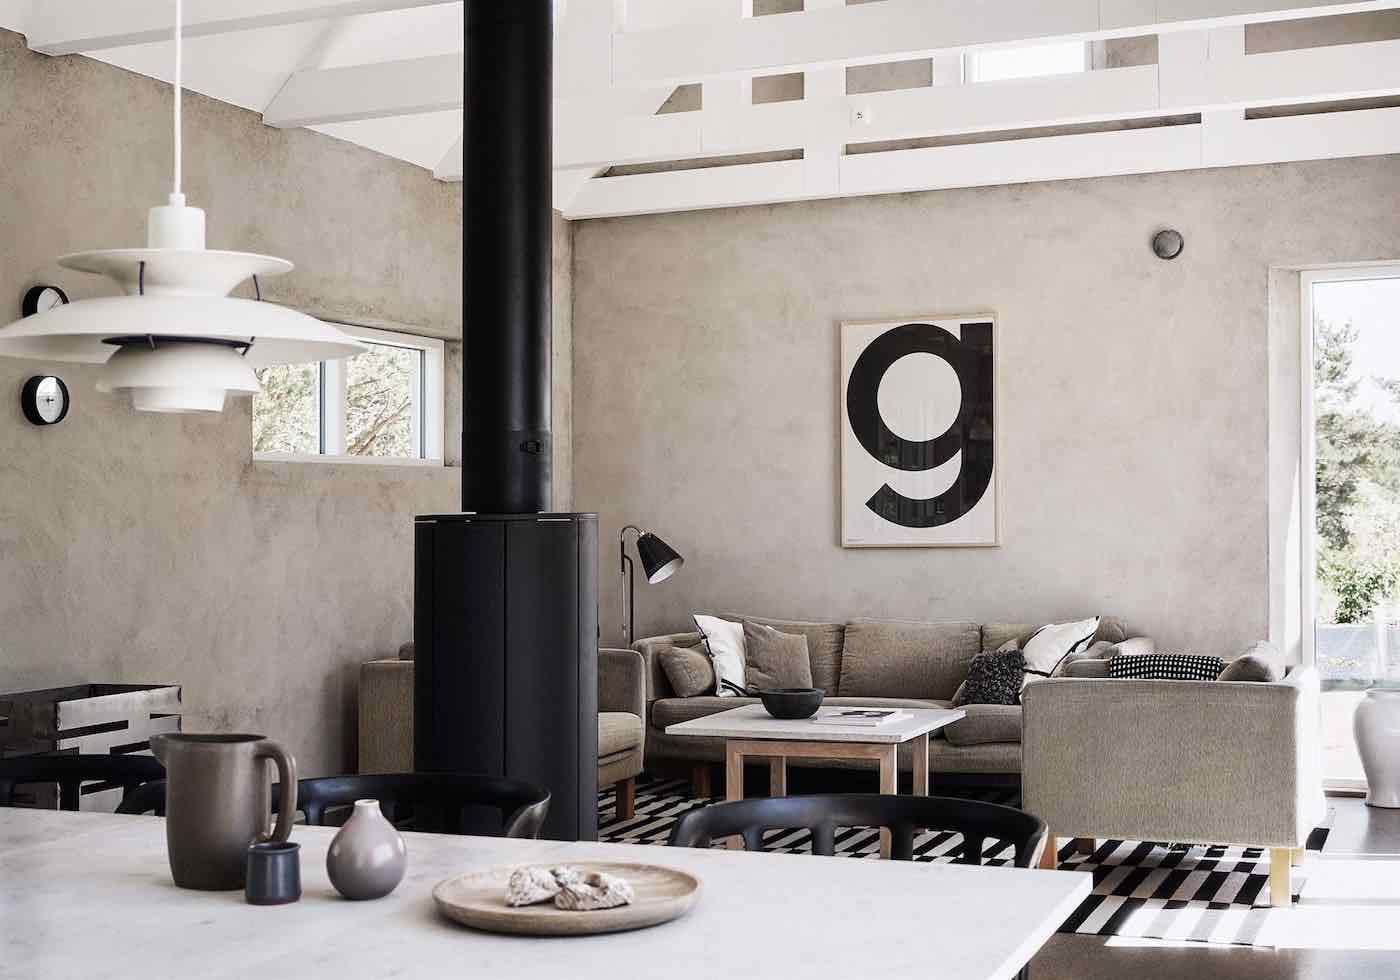 Gemütliches Einfamilienhaus in Gotland - Designs2love